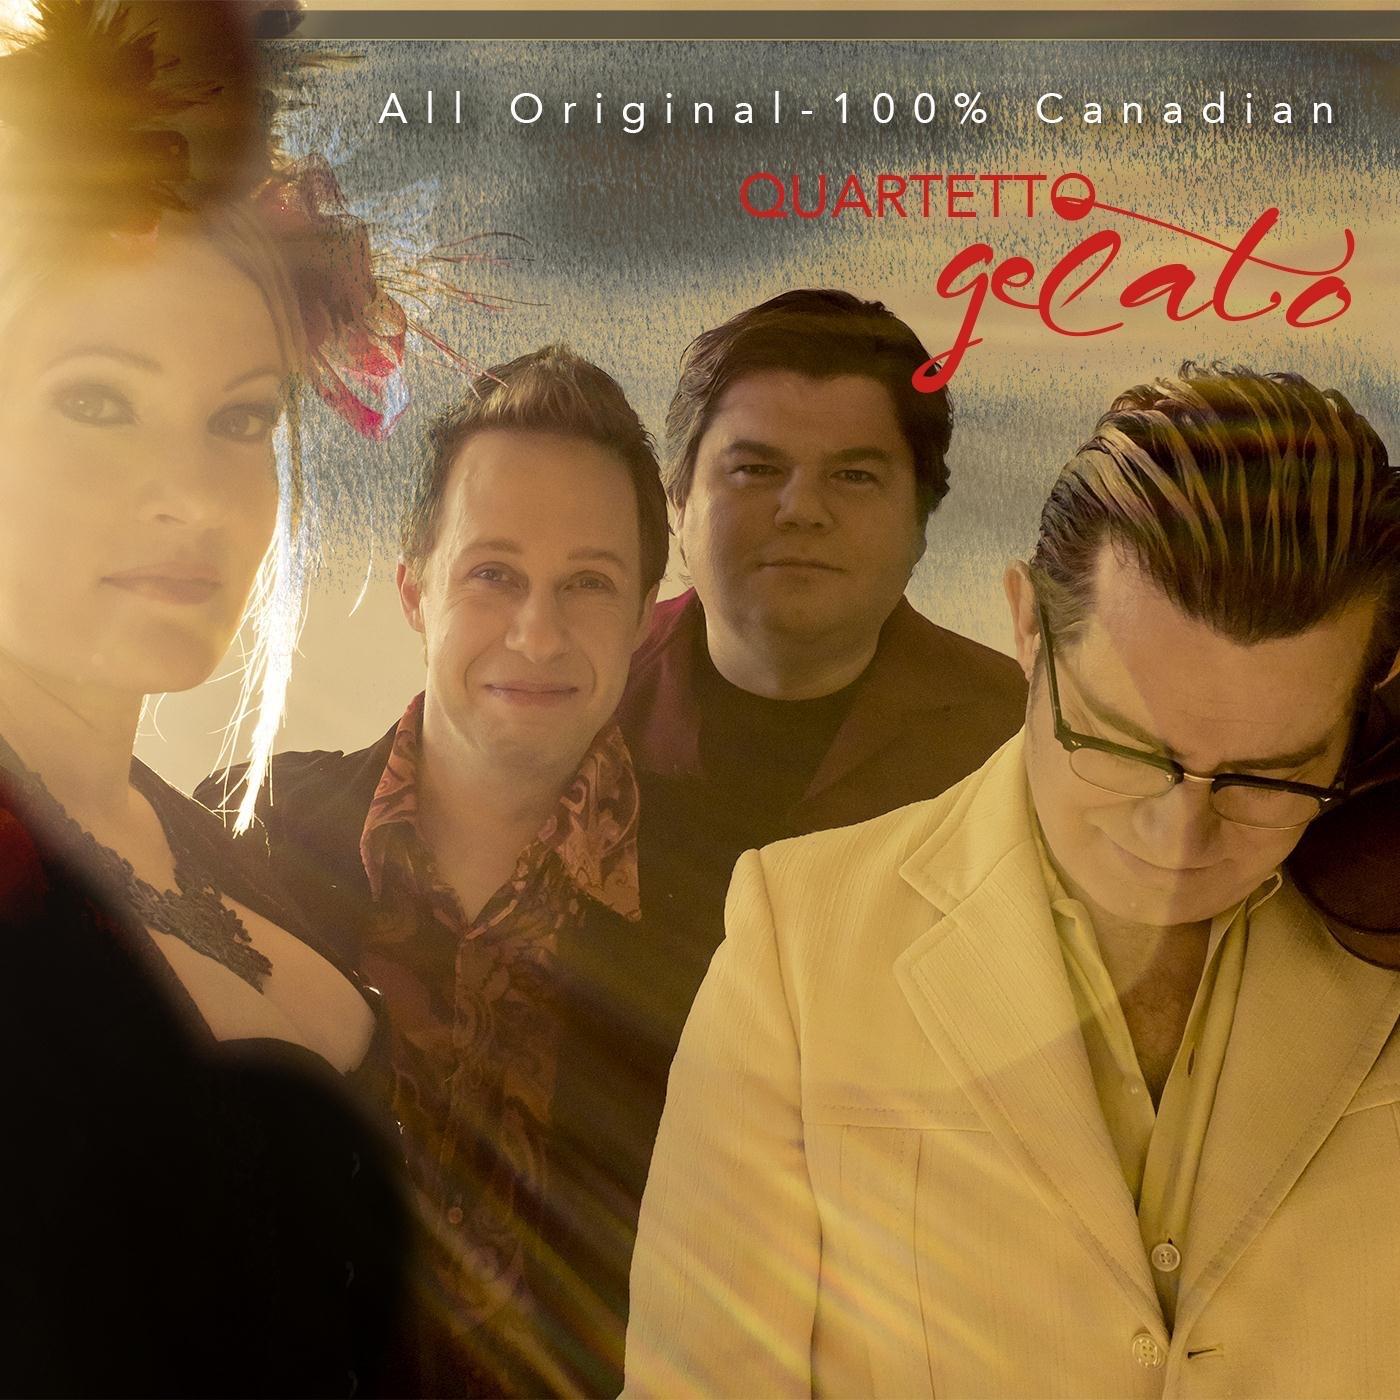 Quartetto Gelato: All Original, 100% Canadian